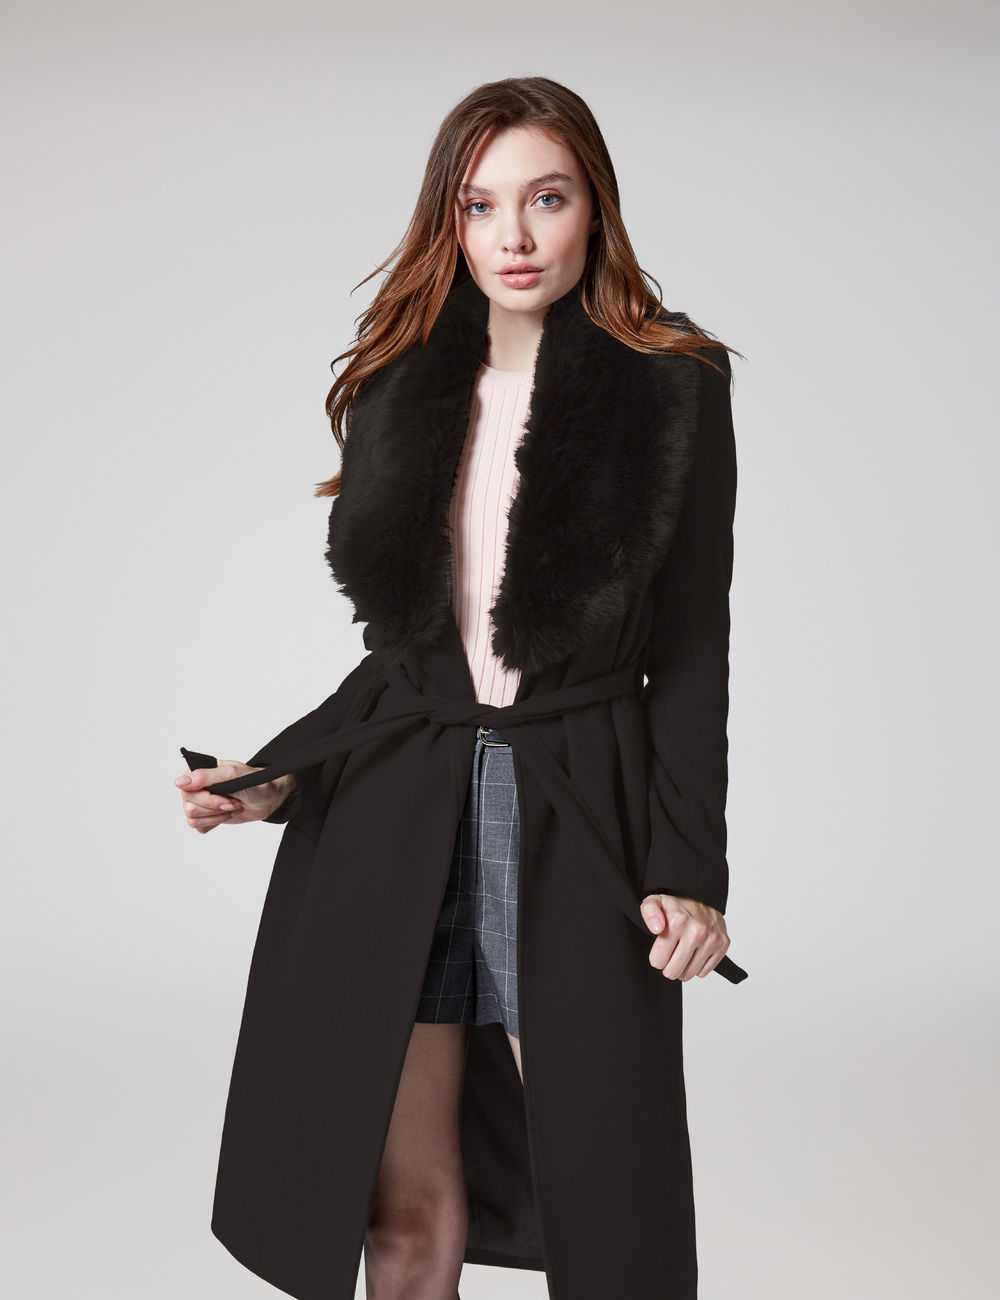 manteau long avec ceinture noir Jennyfer prix 49,99 €